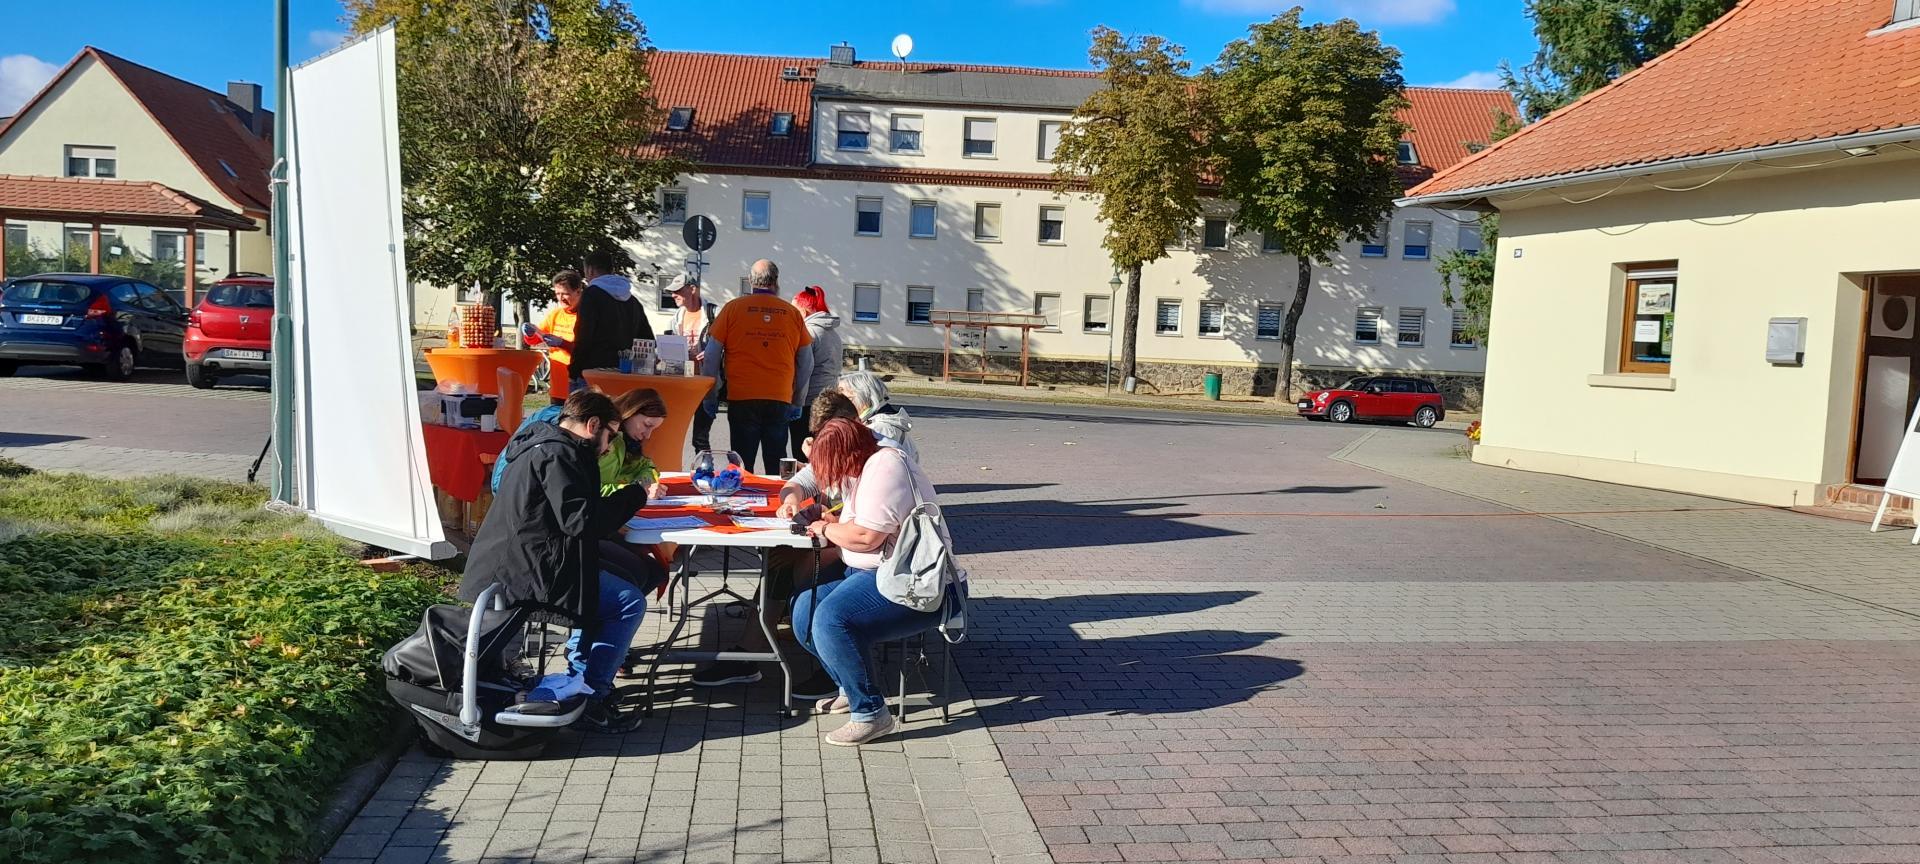 Typisierung für Helene in Rogätz am 12. Oktober